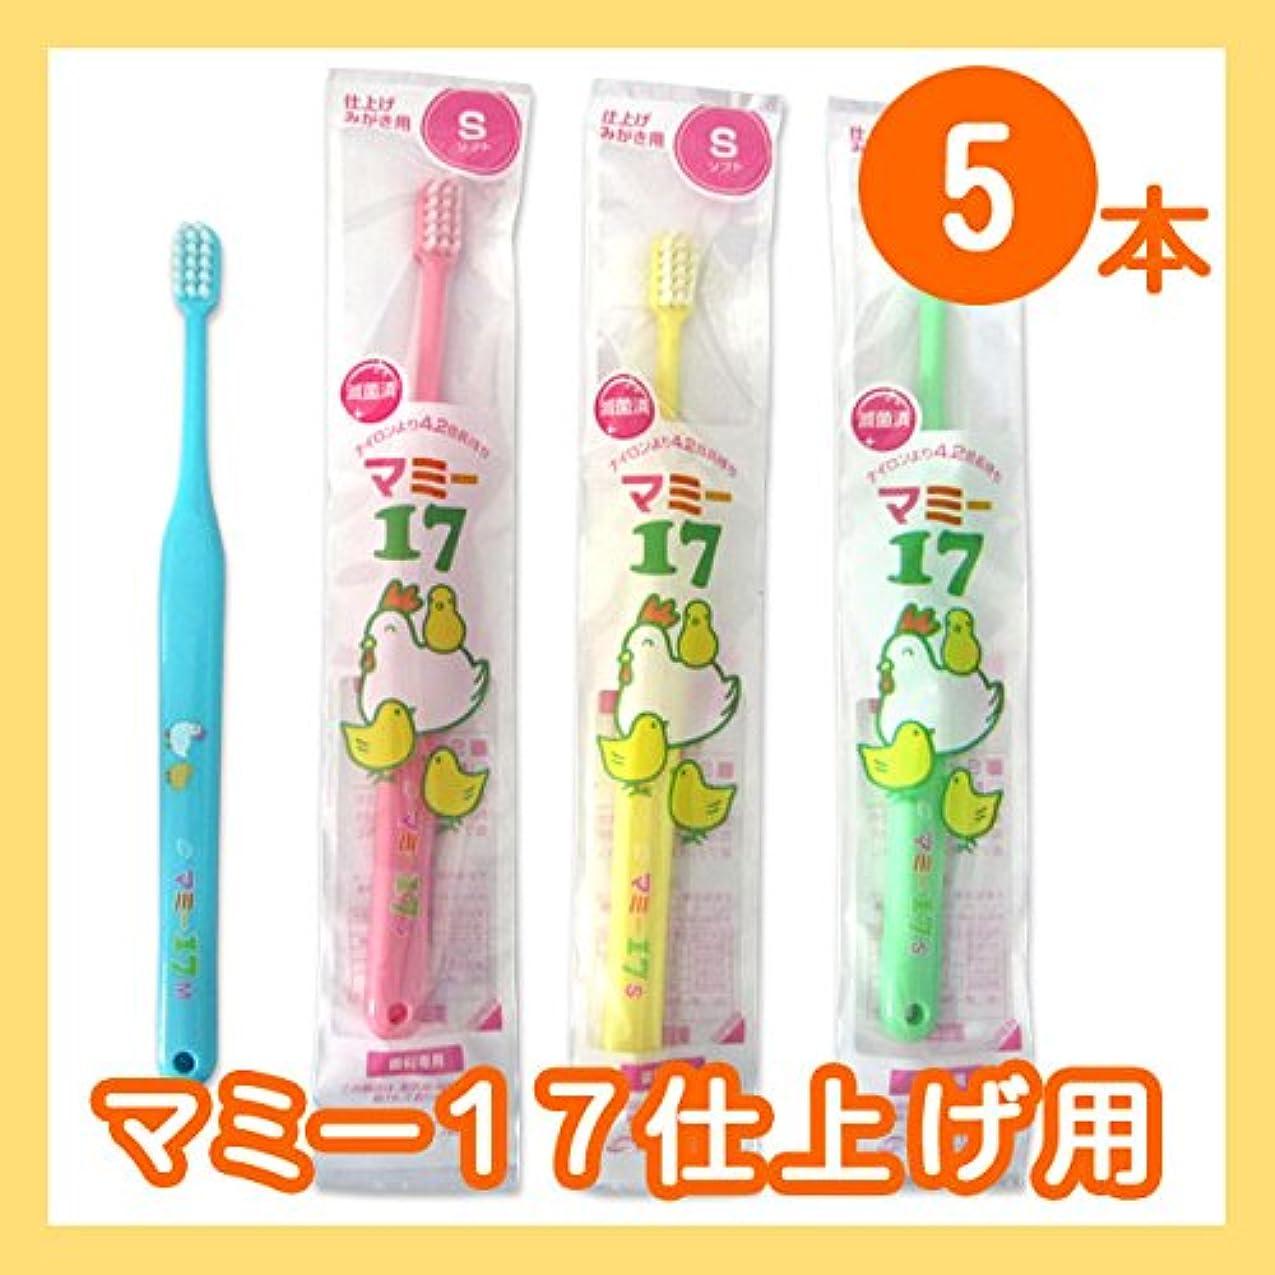 突破口活性化好色なオーラルケア マミー17 子供 点検?仕上げ磨き用 歯ブラシ 5本セット ミディアム ピンク